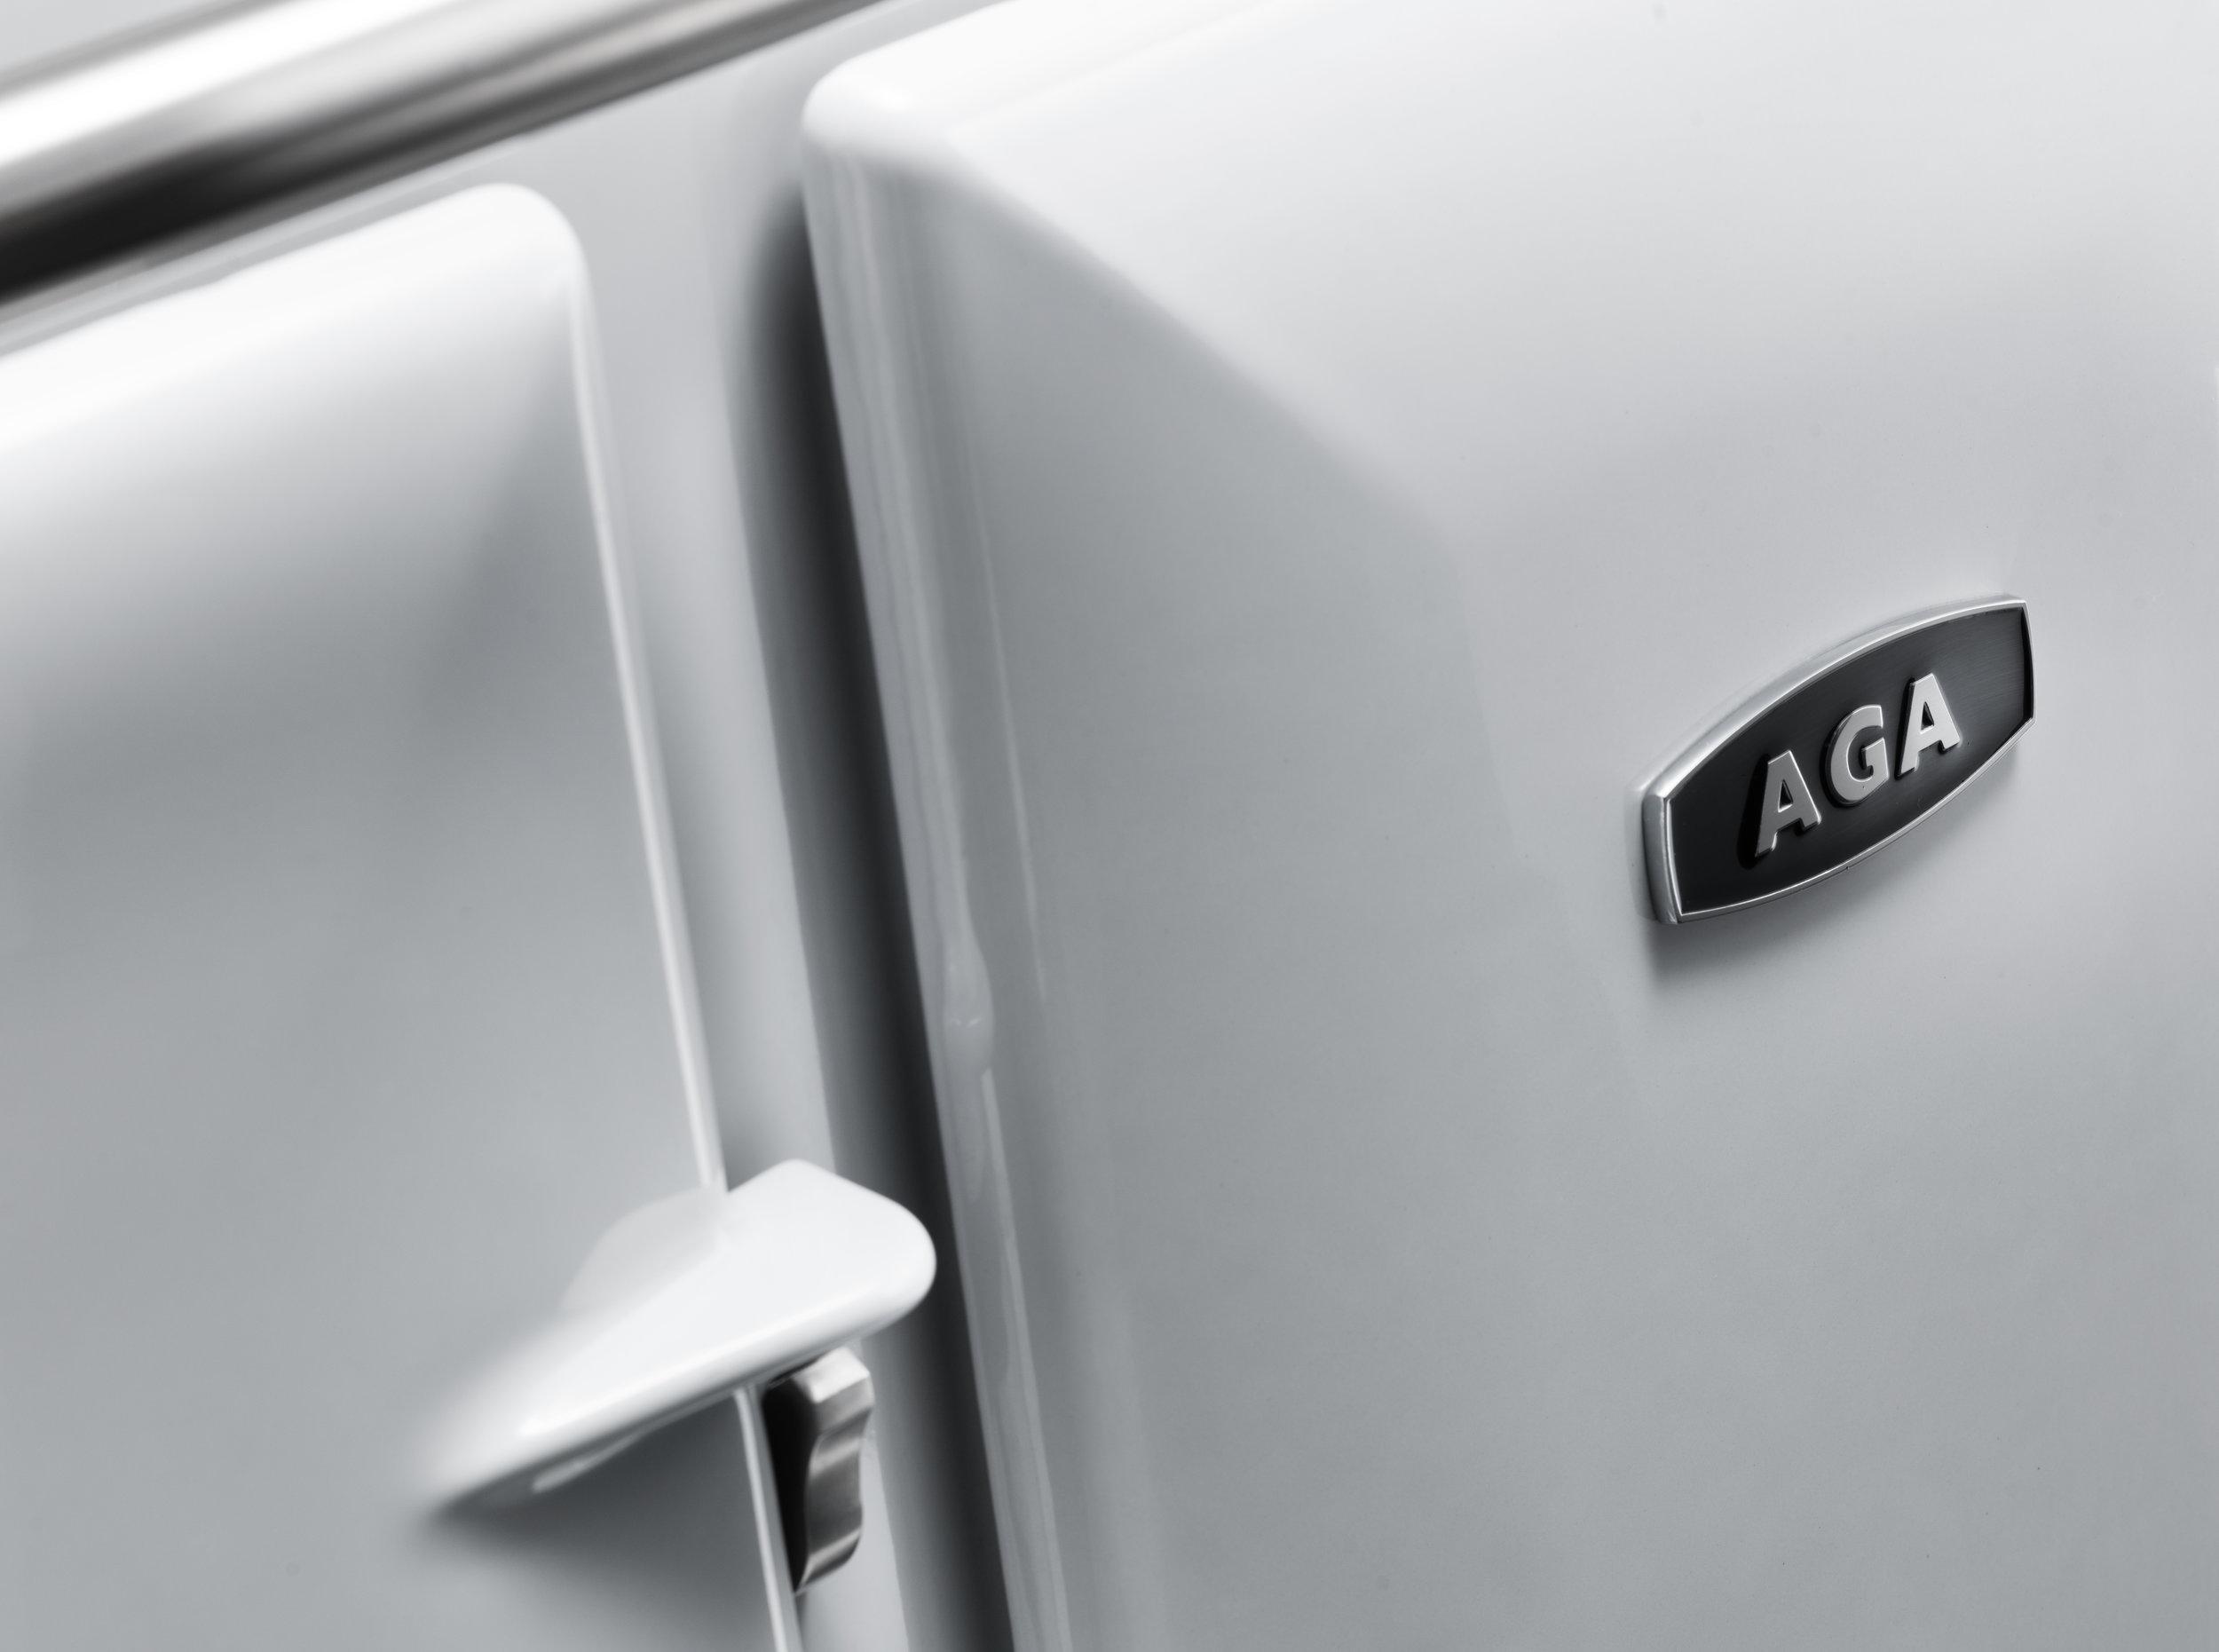 AGA 90 Close up 04.jpg